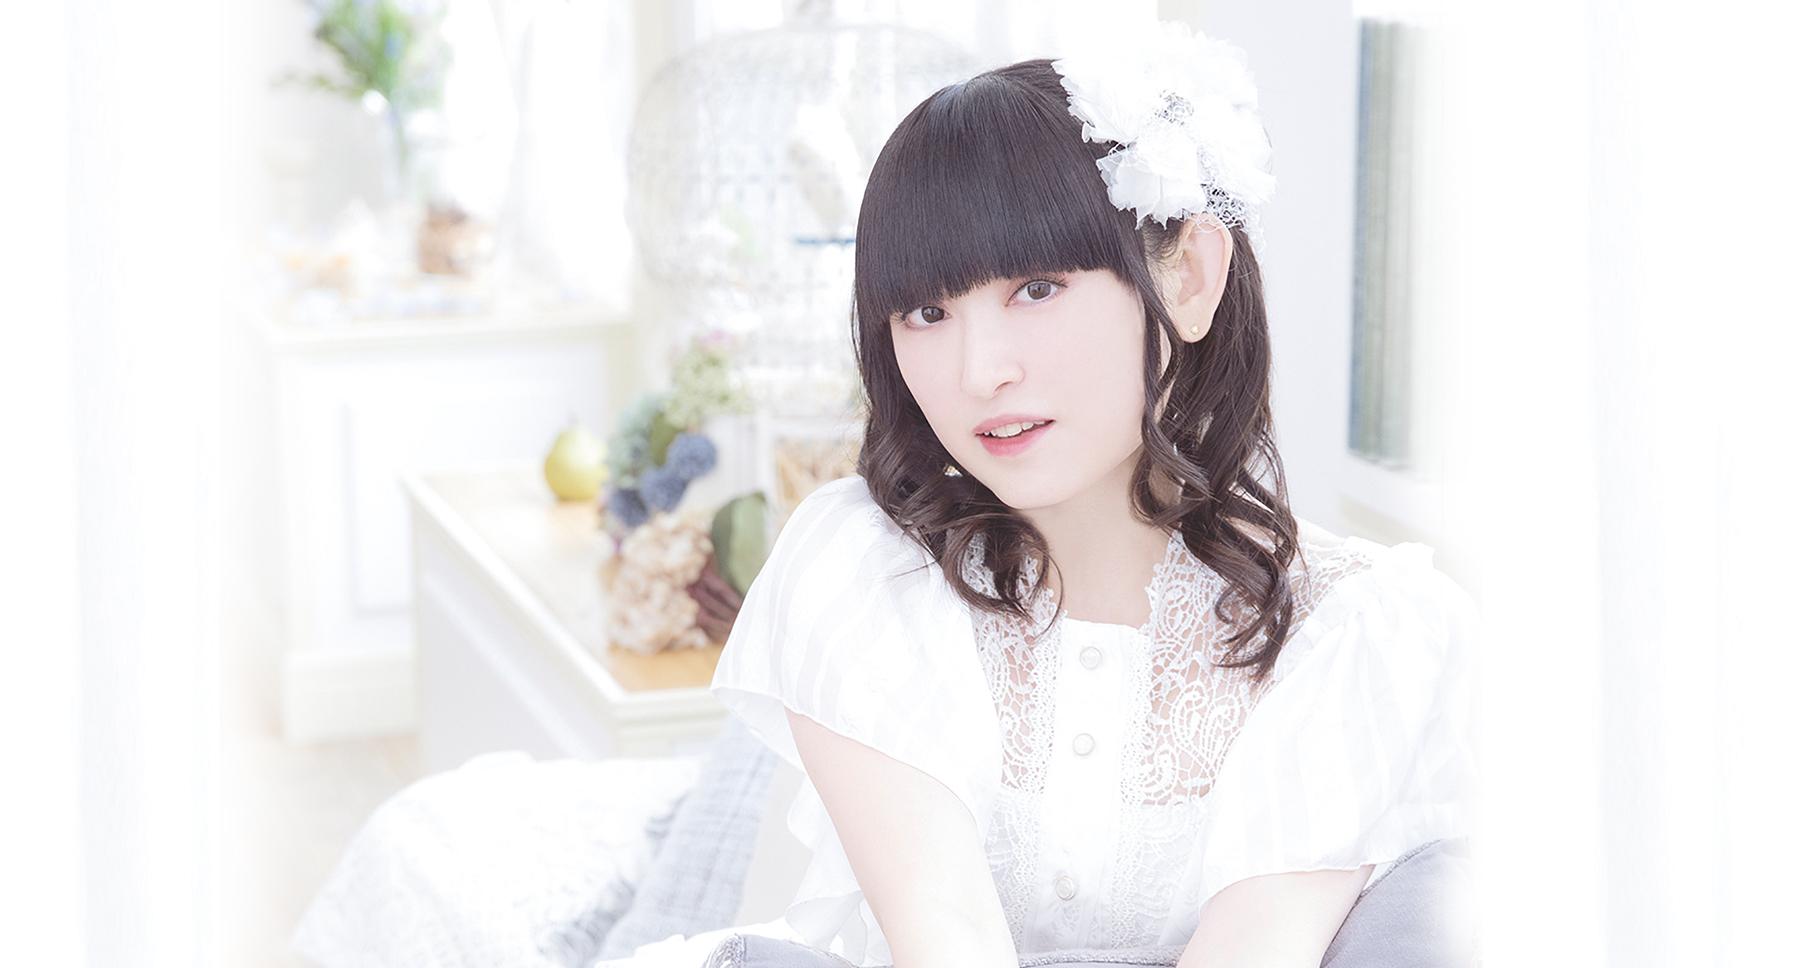 「田村ゆかり」さんが演じるTVアニメキャラで好きなのは?【人気投票】   ねとらぼ調査隊